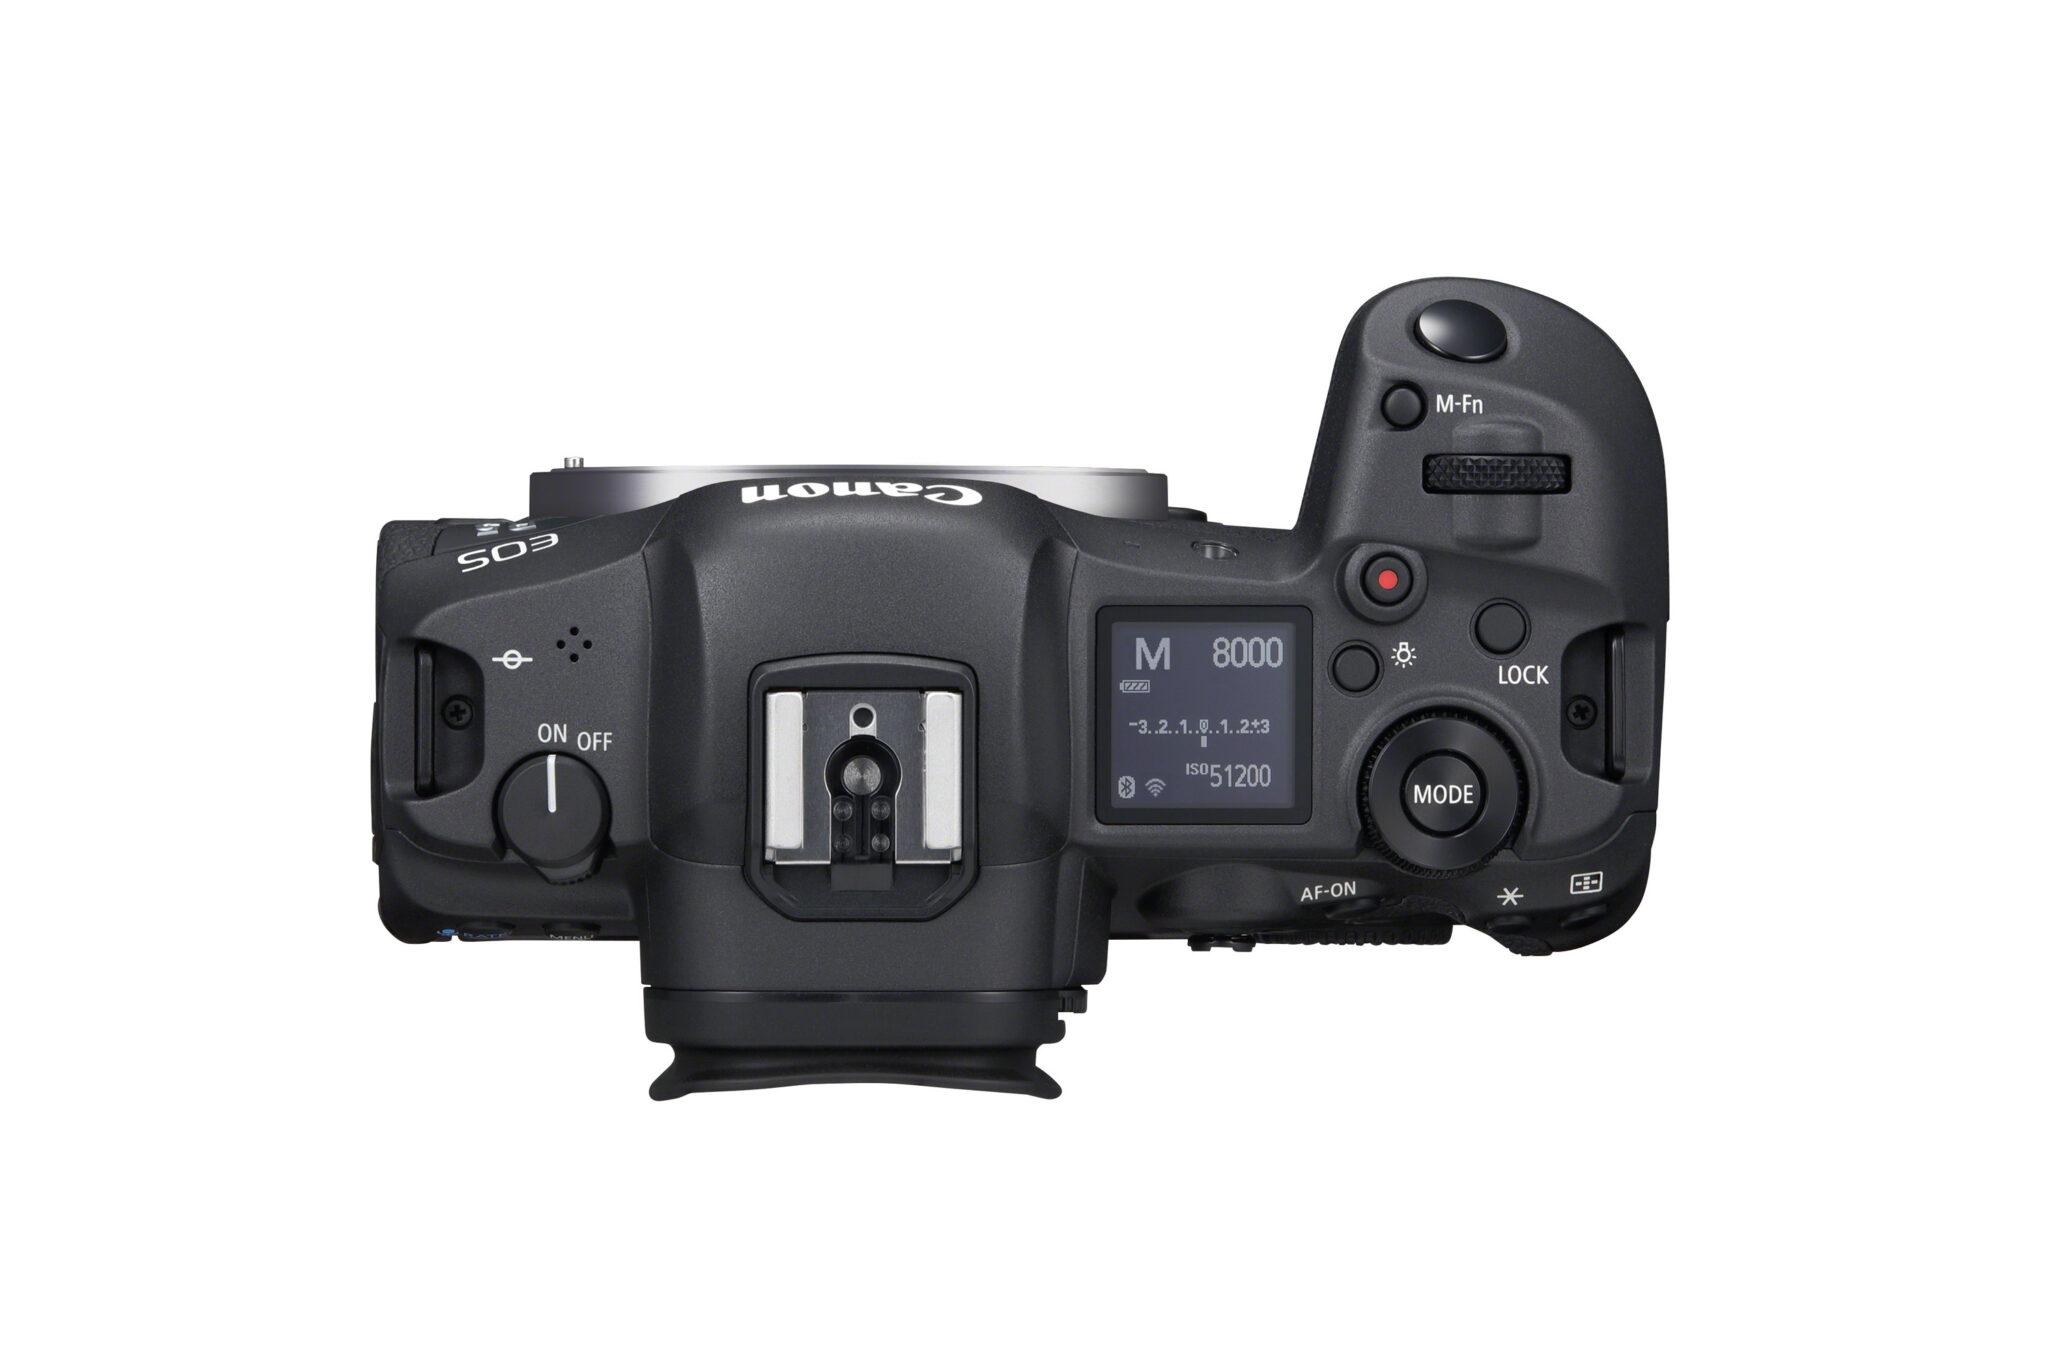 Canon EOS R5 - Top view